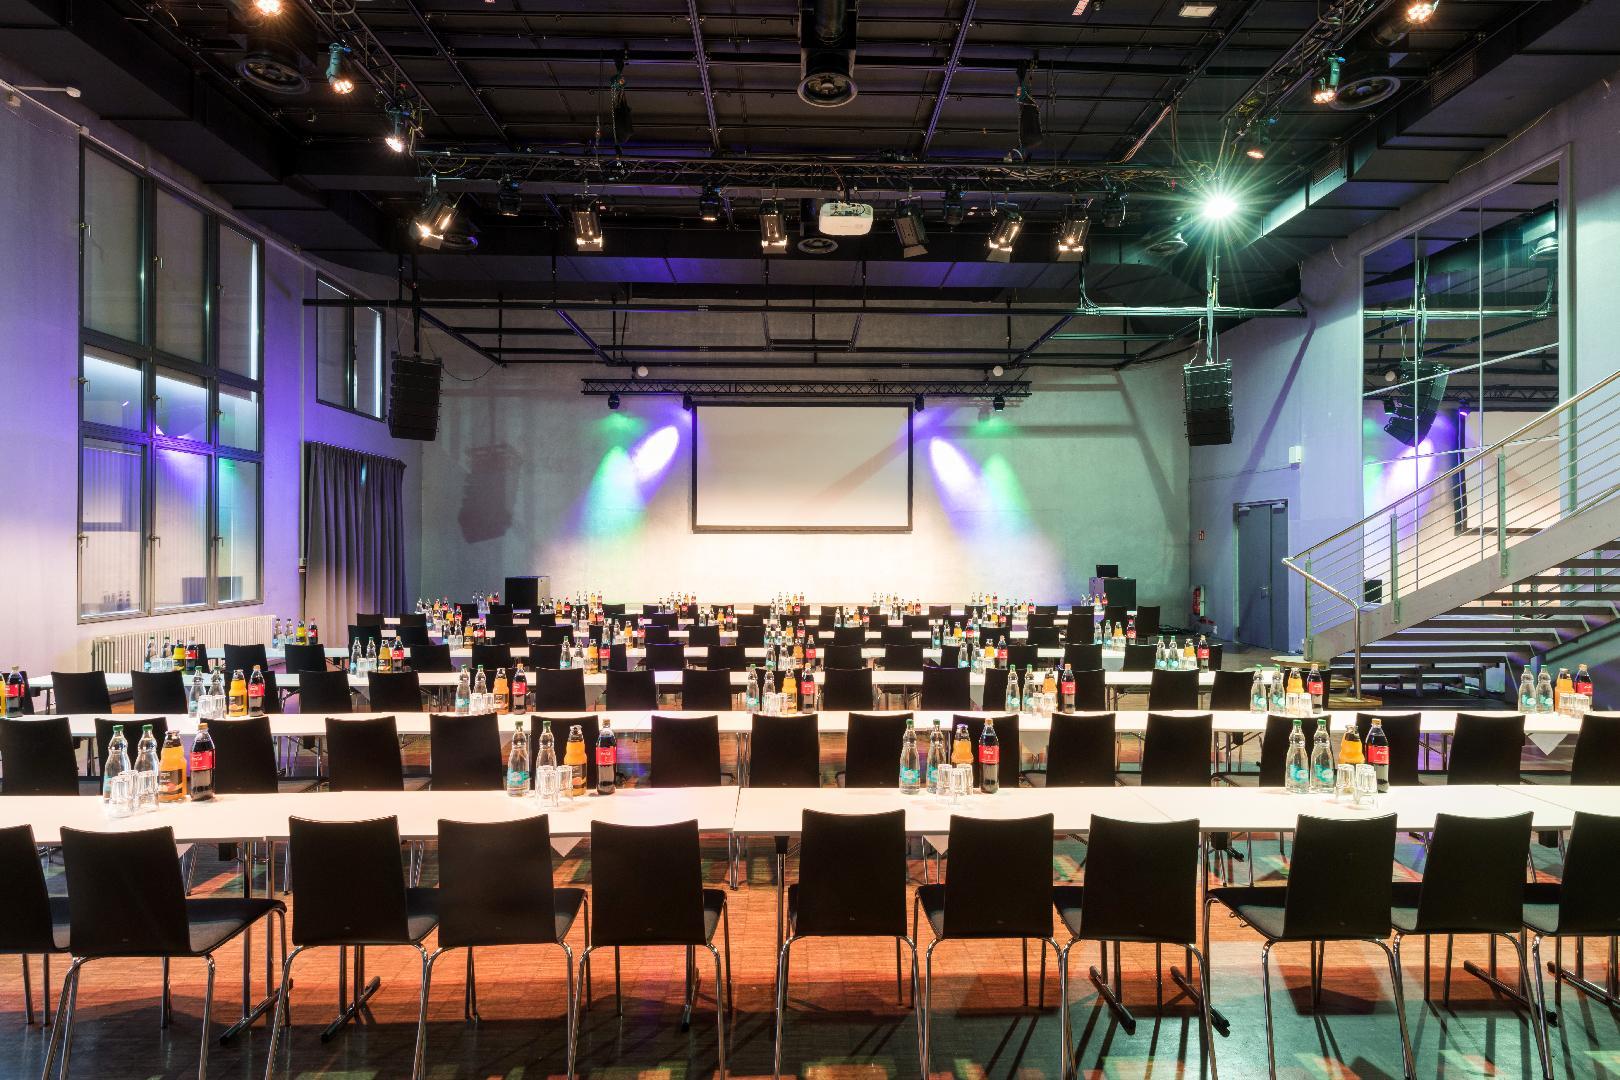 Palais Parlamentarische Bestuhlung für 120 Personen